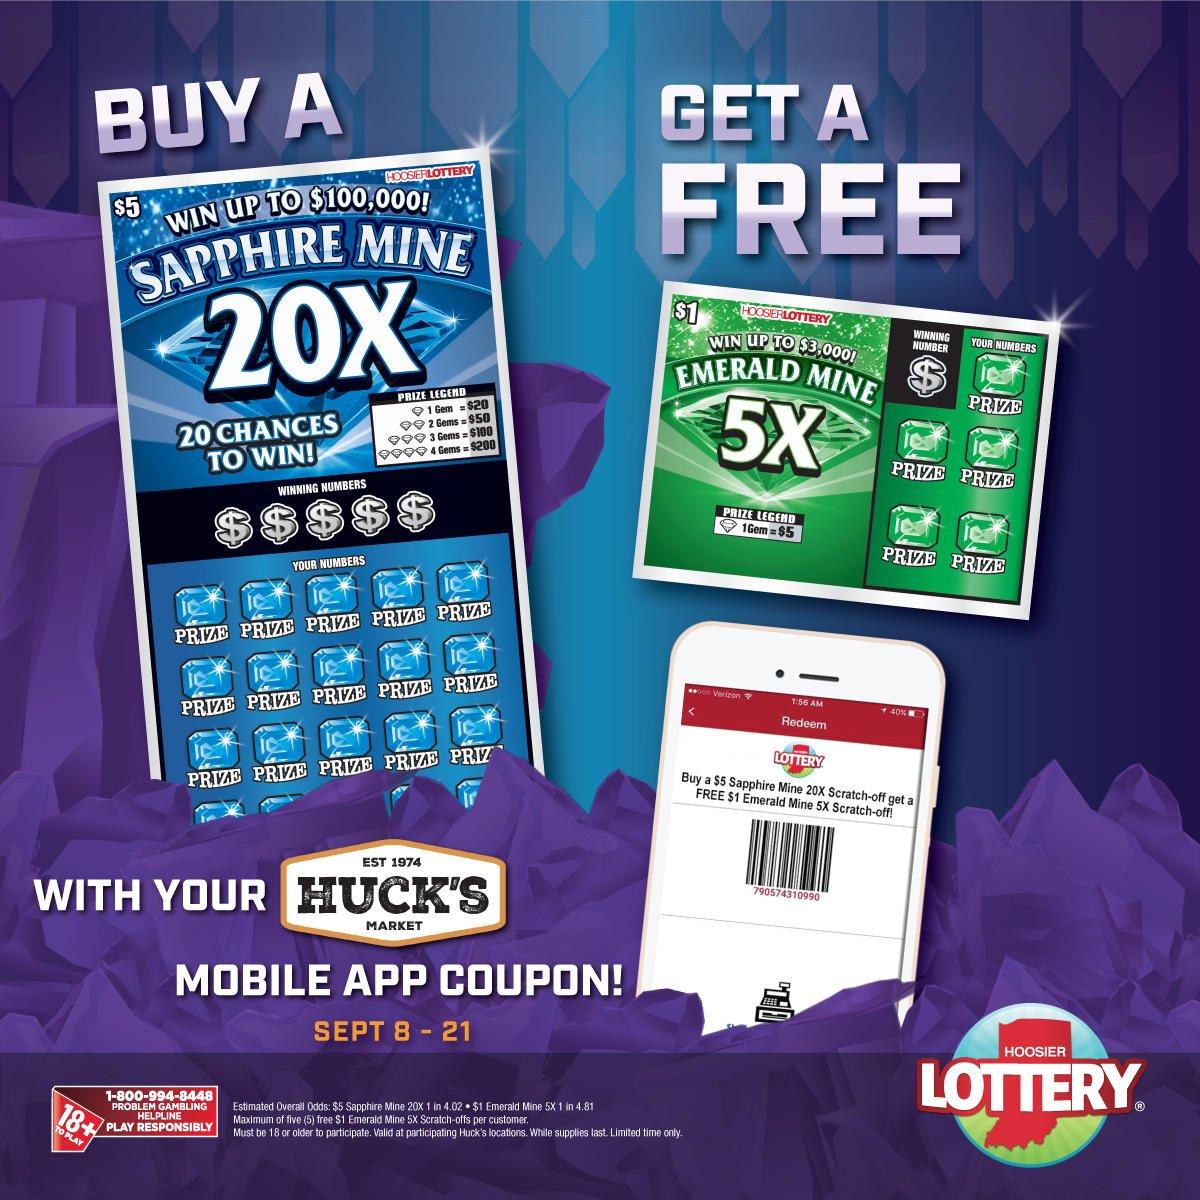 Hoosier Lottery (@hoosierlottery) | Twitter